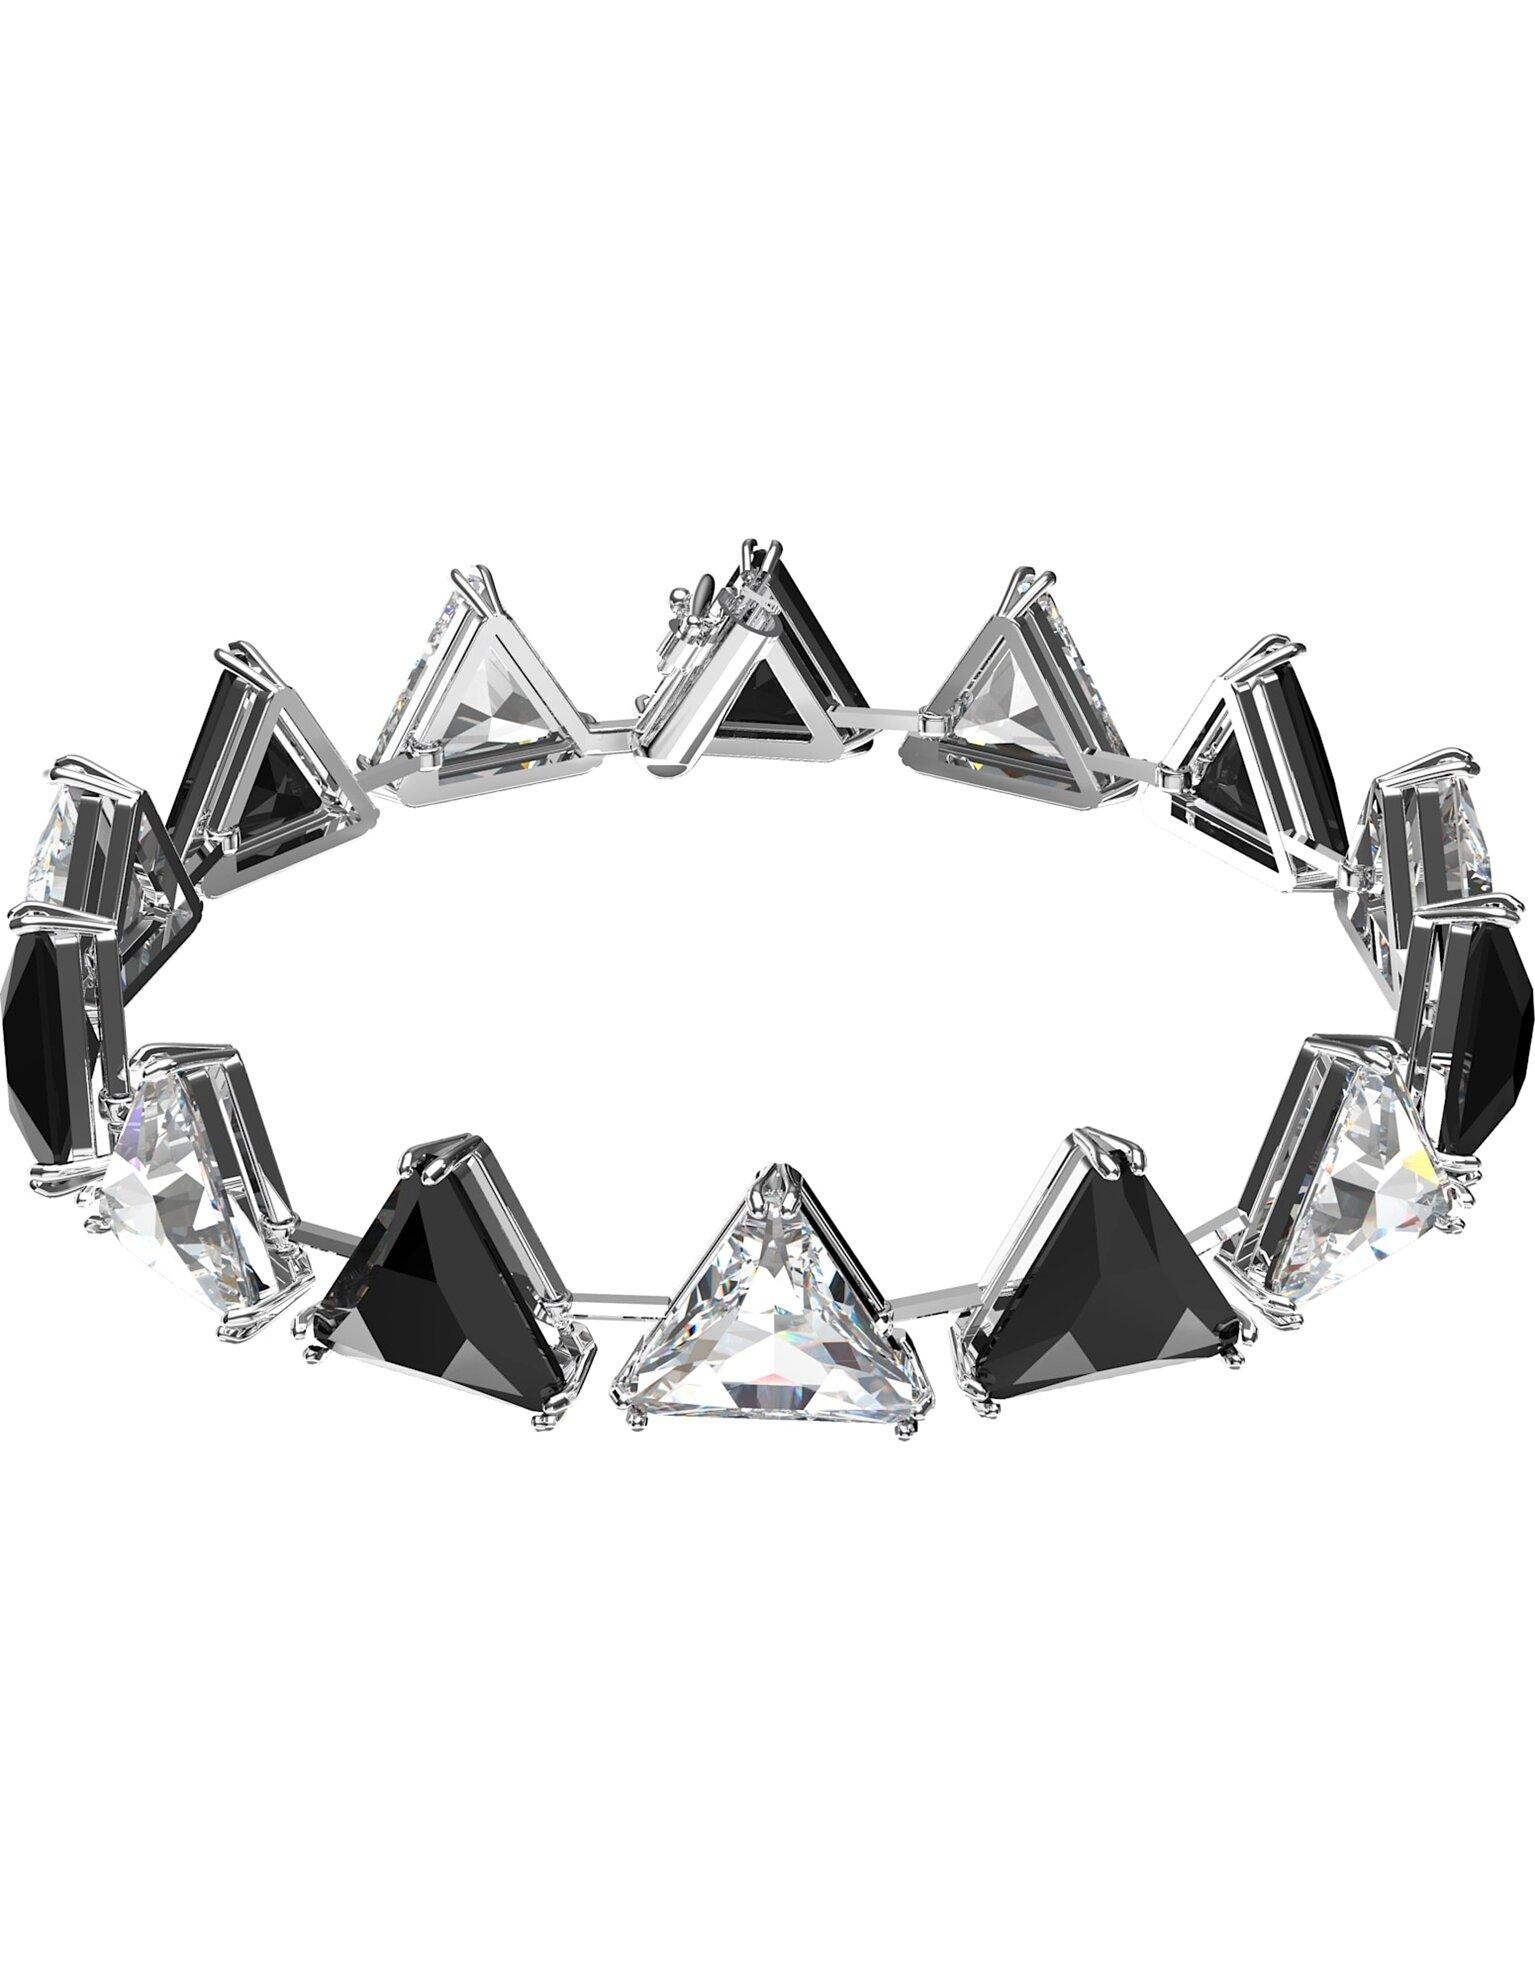 Picture of Millenia Bileklik, Üçgen kesim kristaller, Siyah, Rodyum kaplama